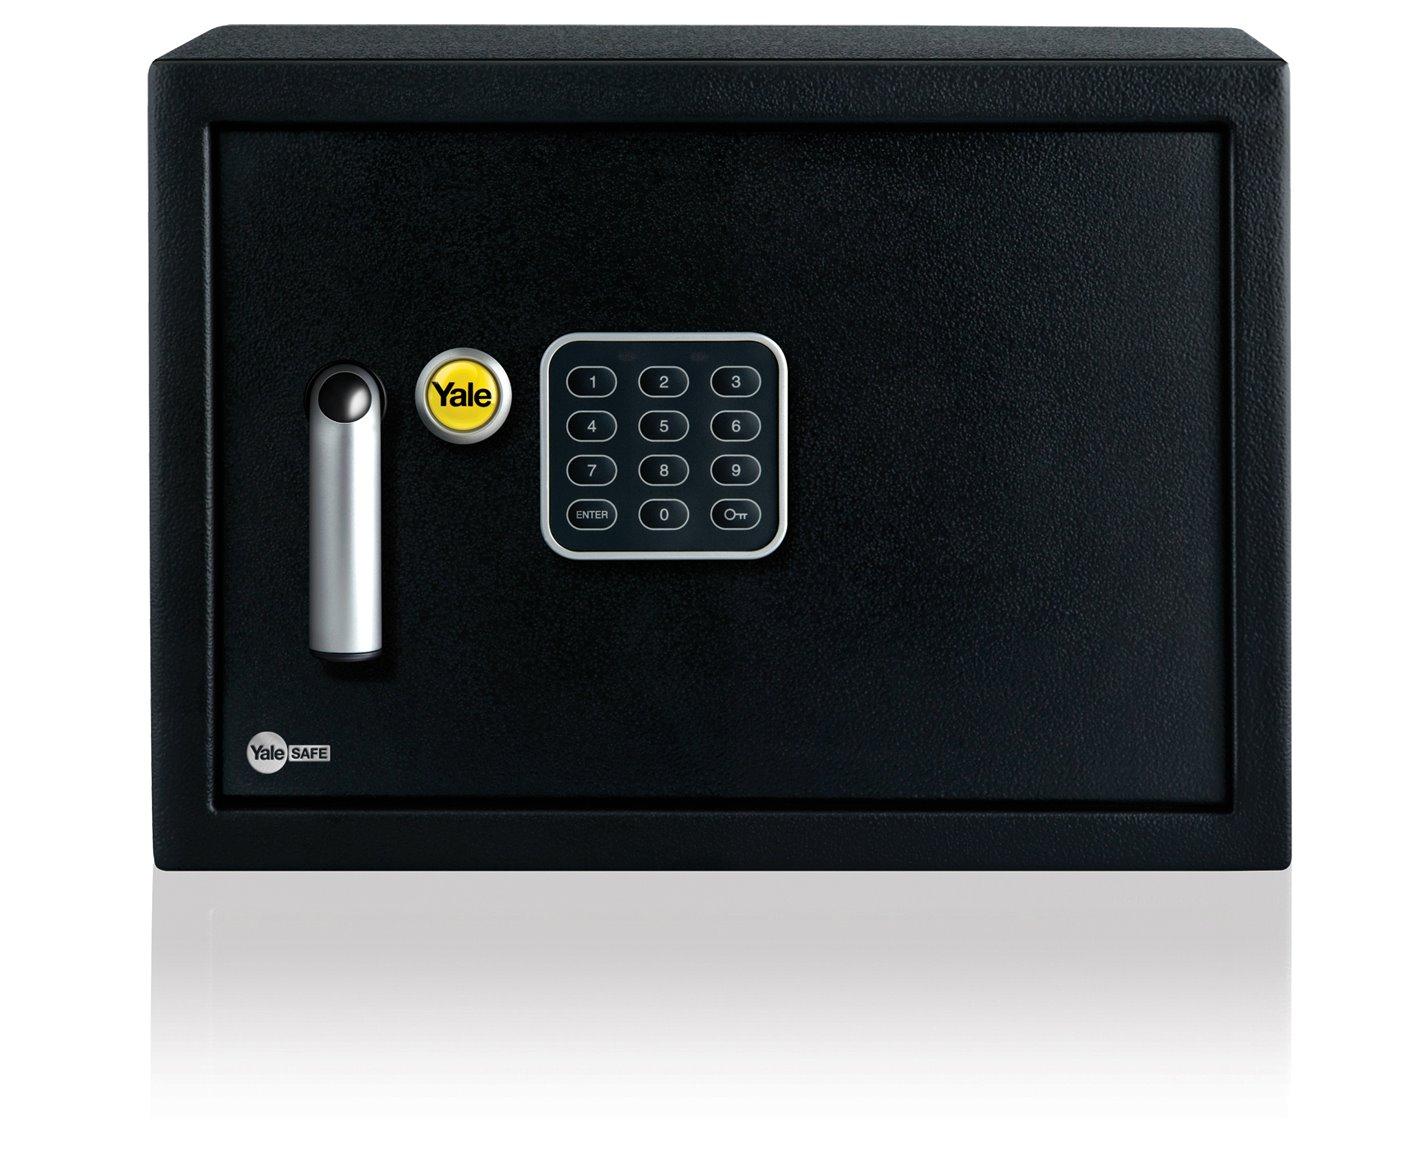 YSV/200/DB1 - Gamme basique pour usage domestique